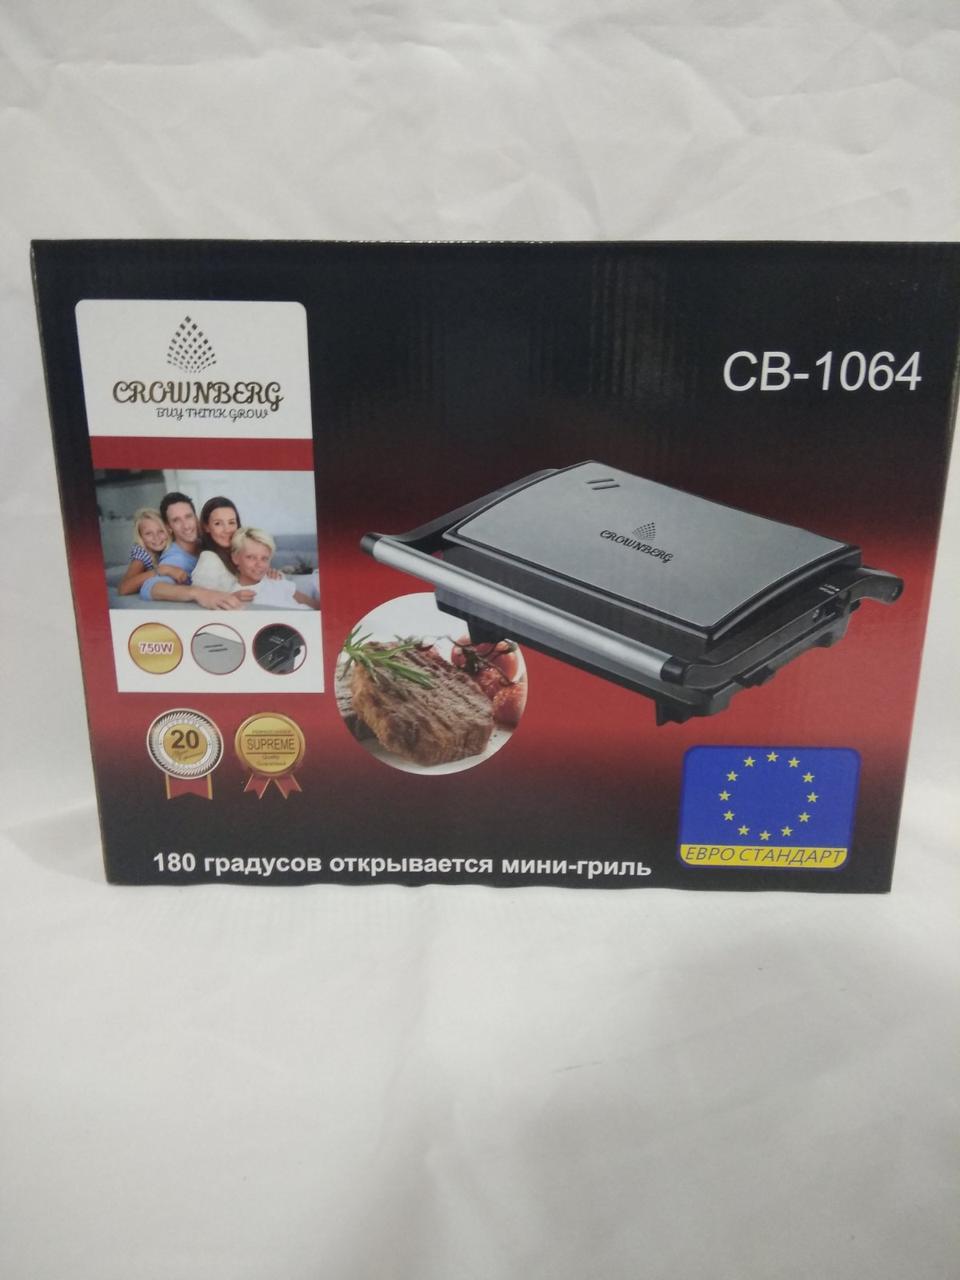 Гриль прижимной Mini Grill Crownberg CB -1064 электрогриль